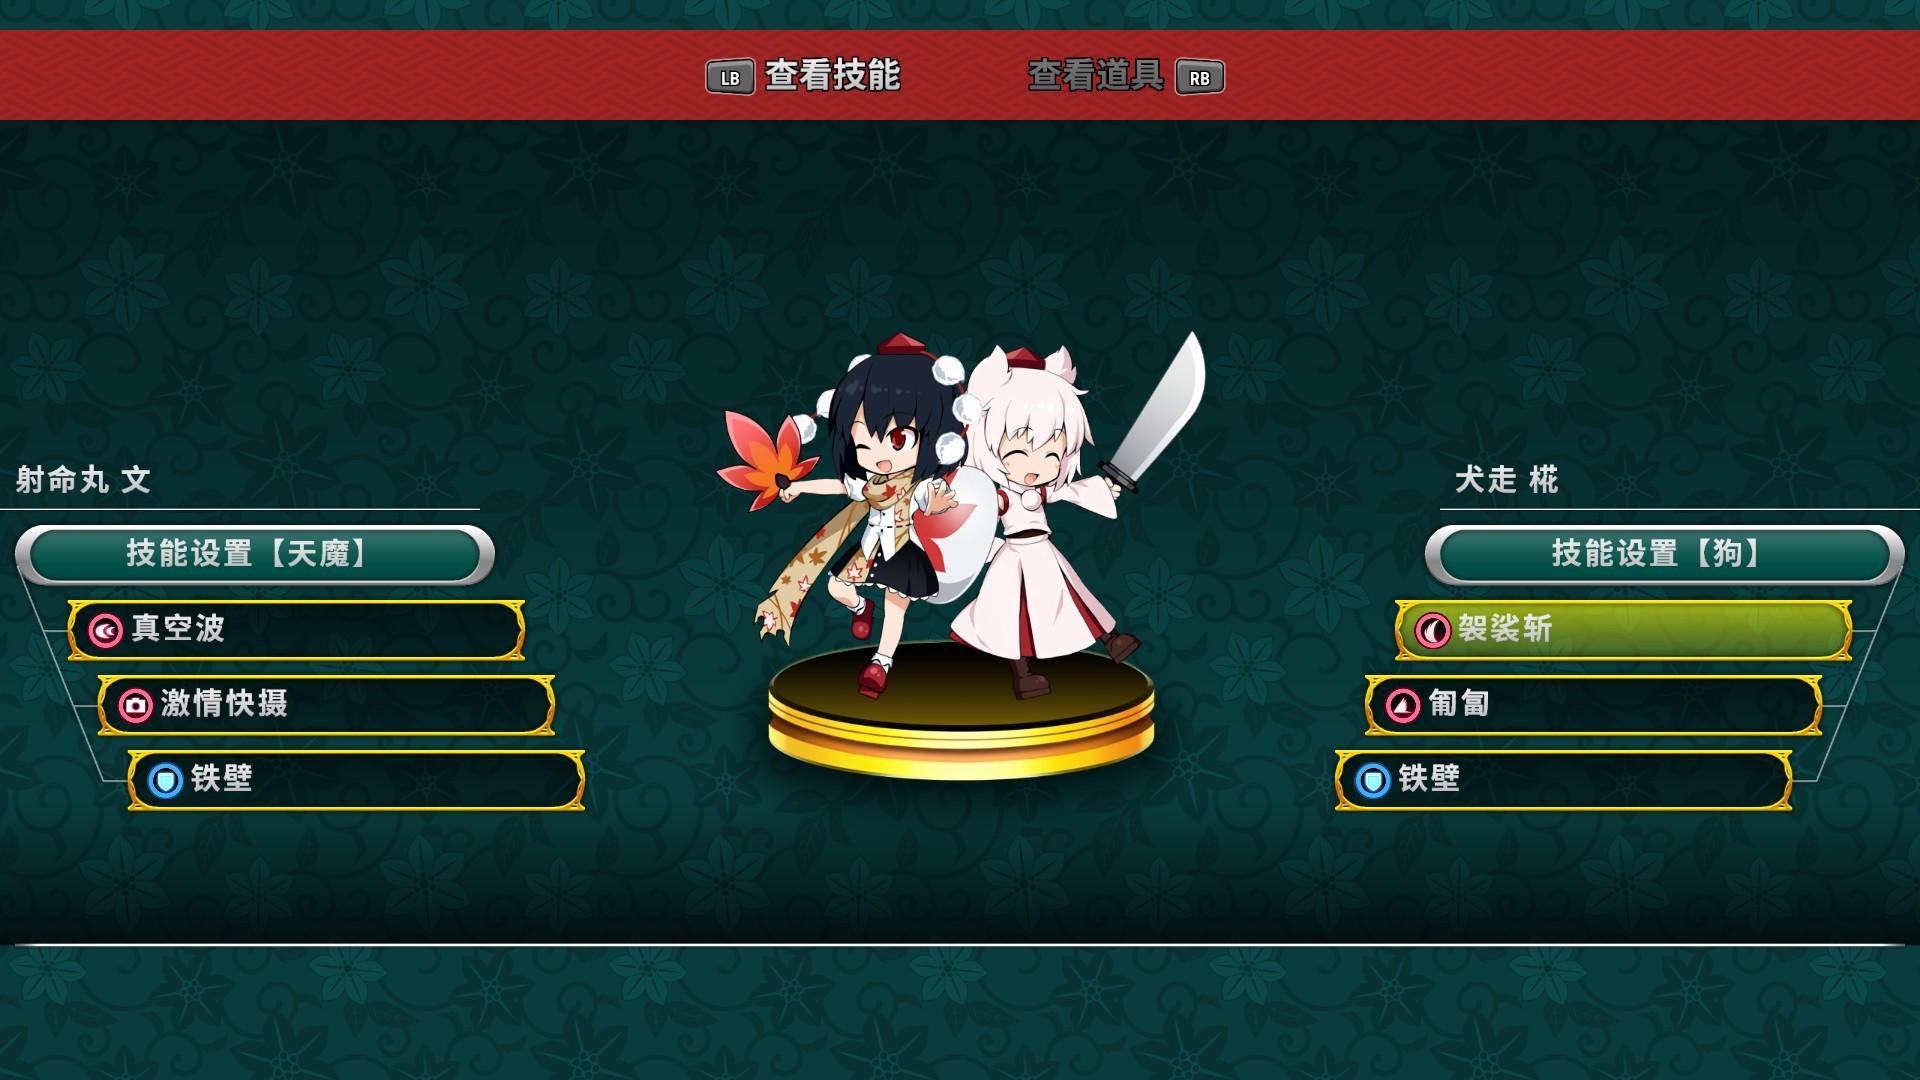 文与椛的弹丸取材纪行/Touhou Double Focus(全DLC高级限定特典版-更新修复-原声音轨+插画集)插图9